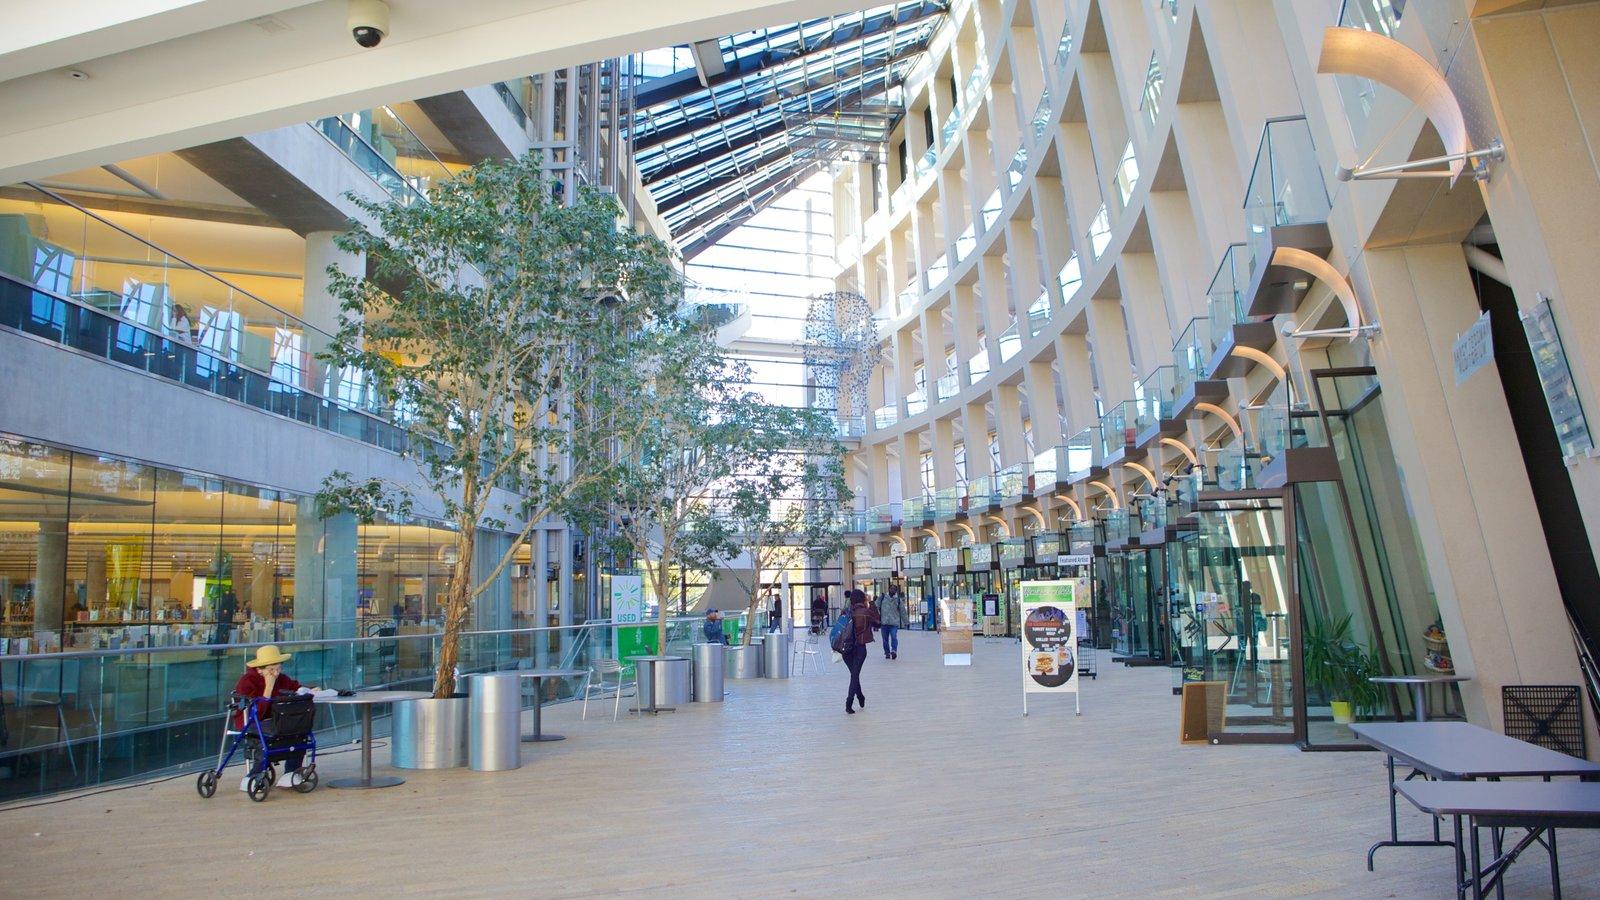 Salt Lake Public Library Main Building mostrando vistas interiores y arquitectura moderna